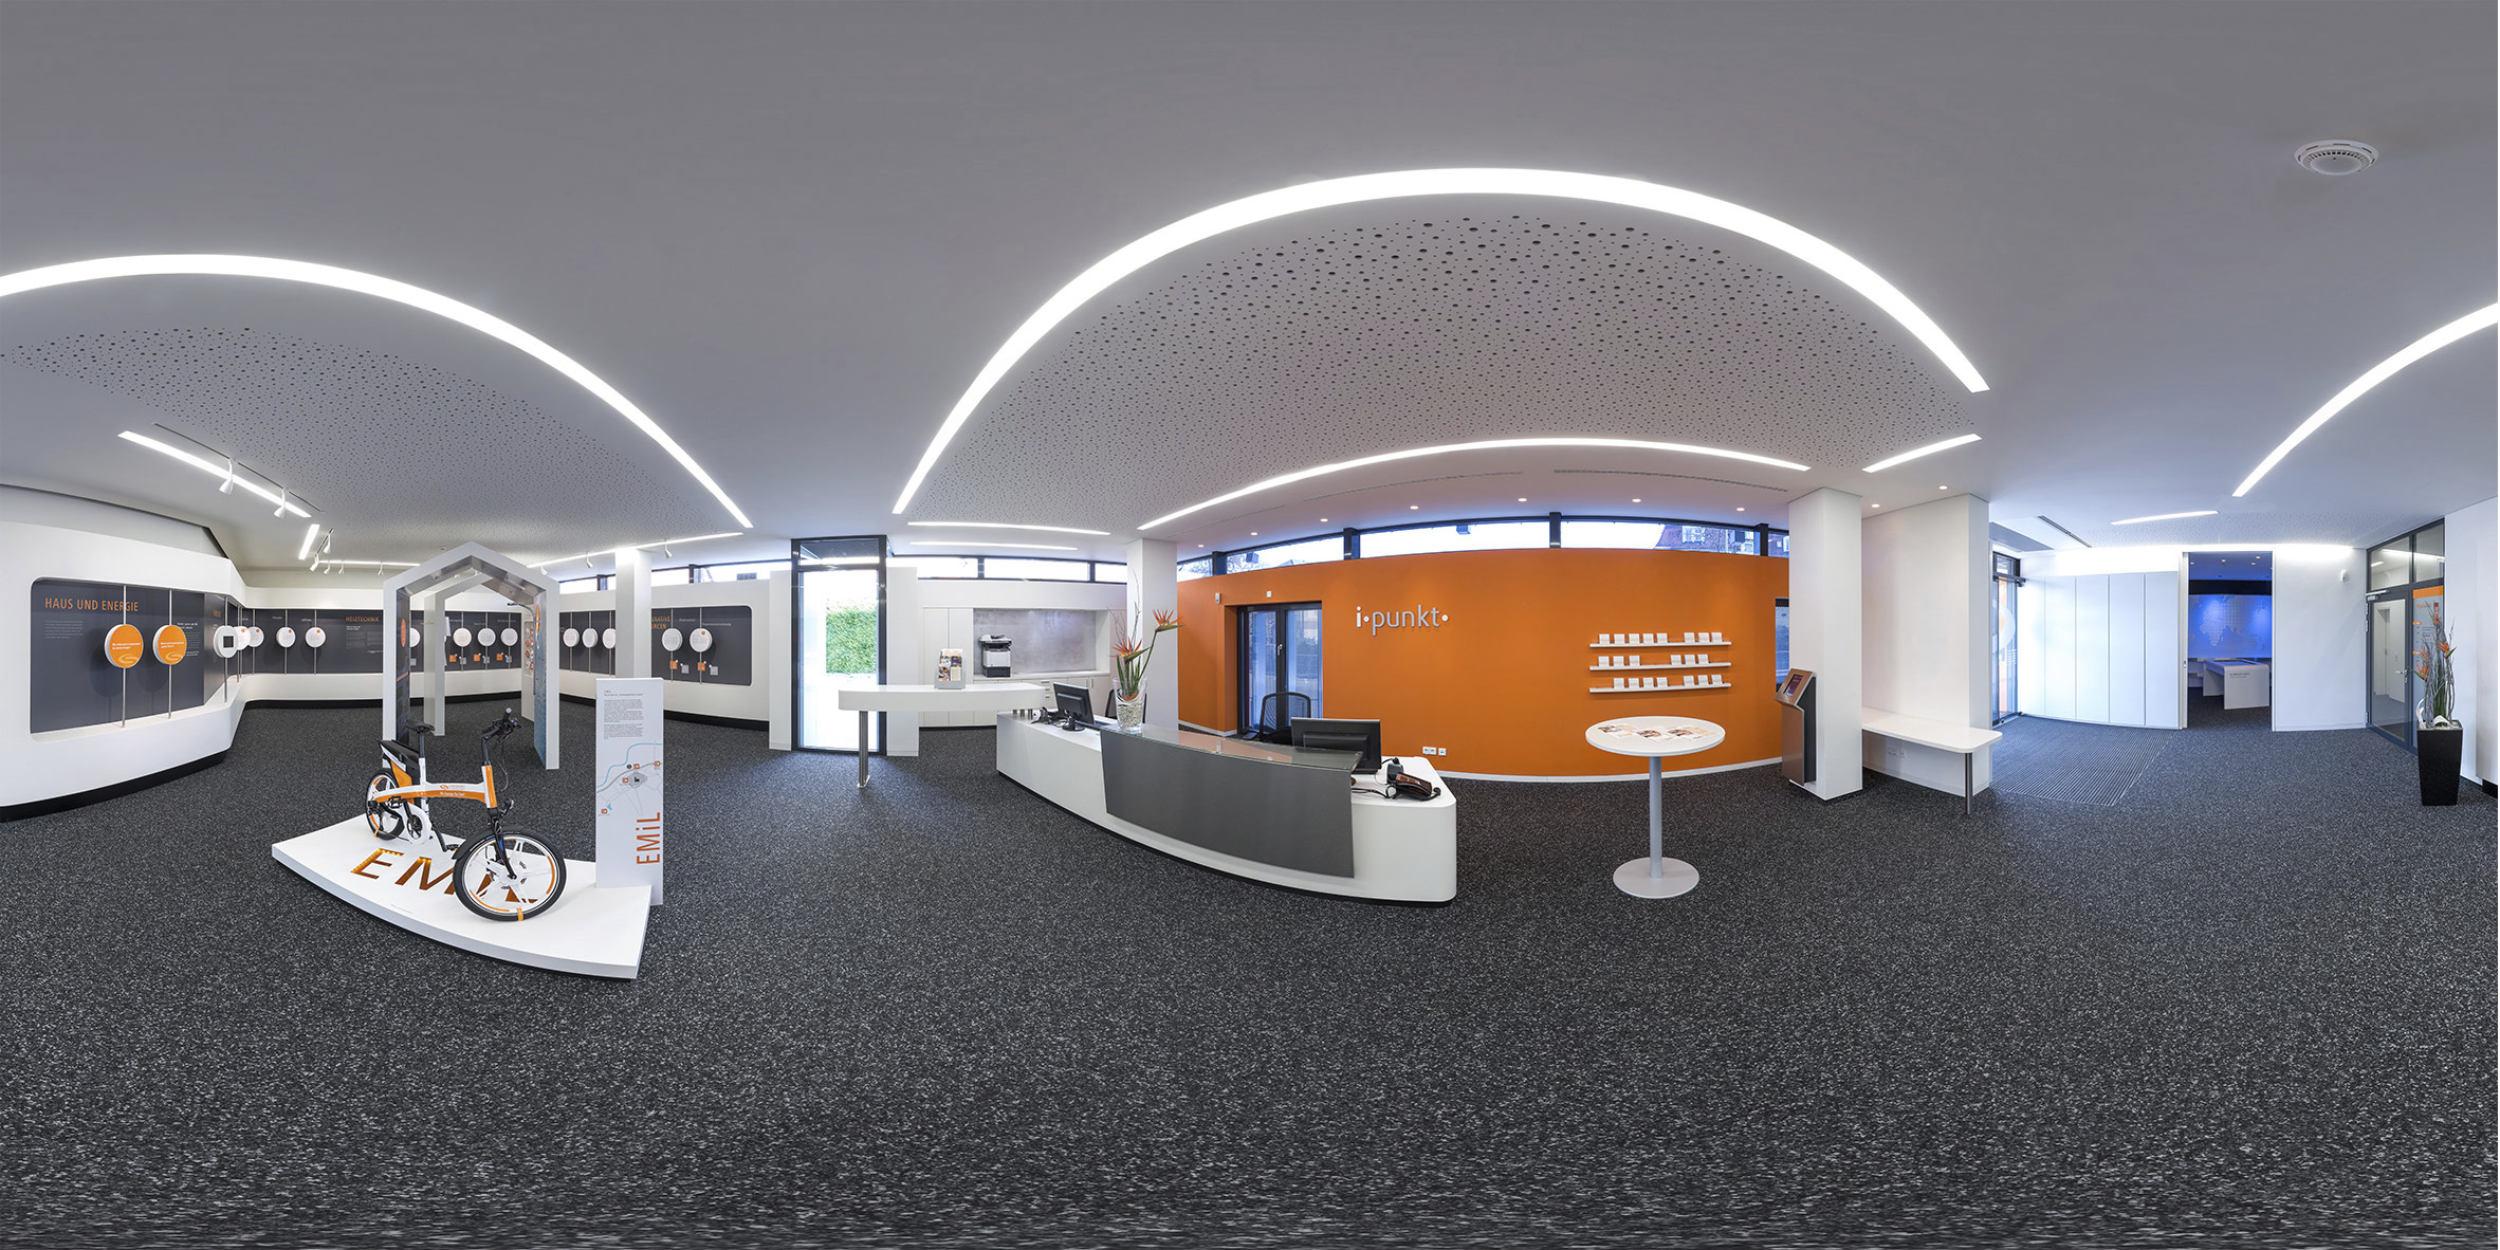 Architekturfotografie Stuttgart und Umgebung Energie Beratung's Zentrum Schorndorf Kommune Stadtliebe Werbung Energiewende richtige Zeit richtiger Ort